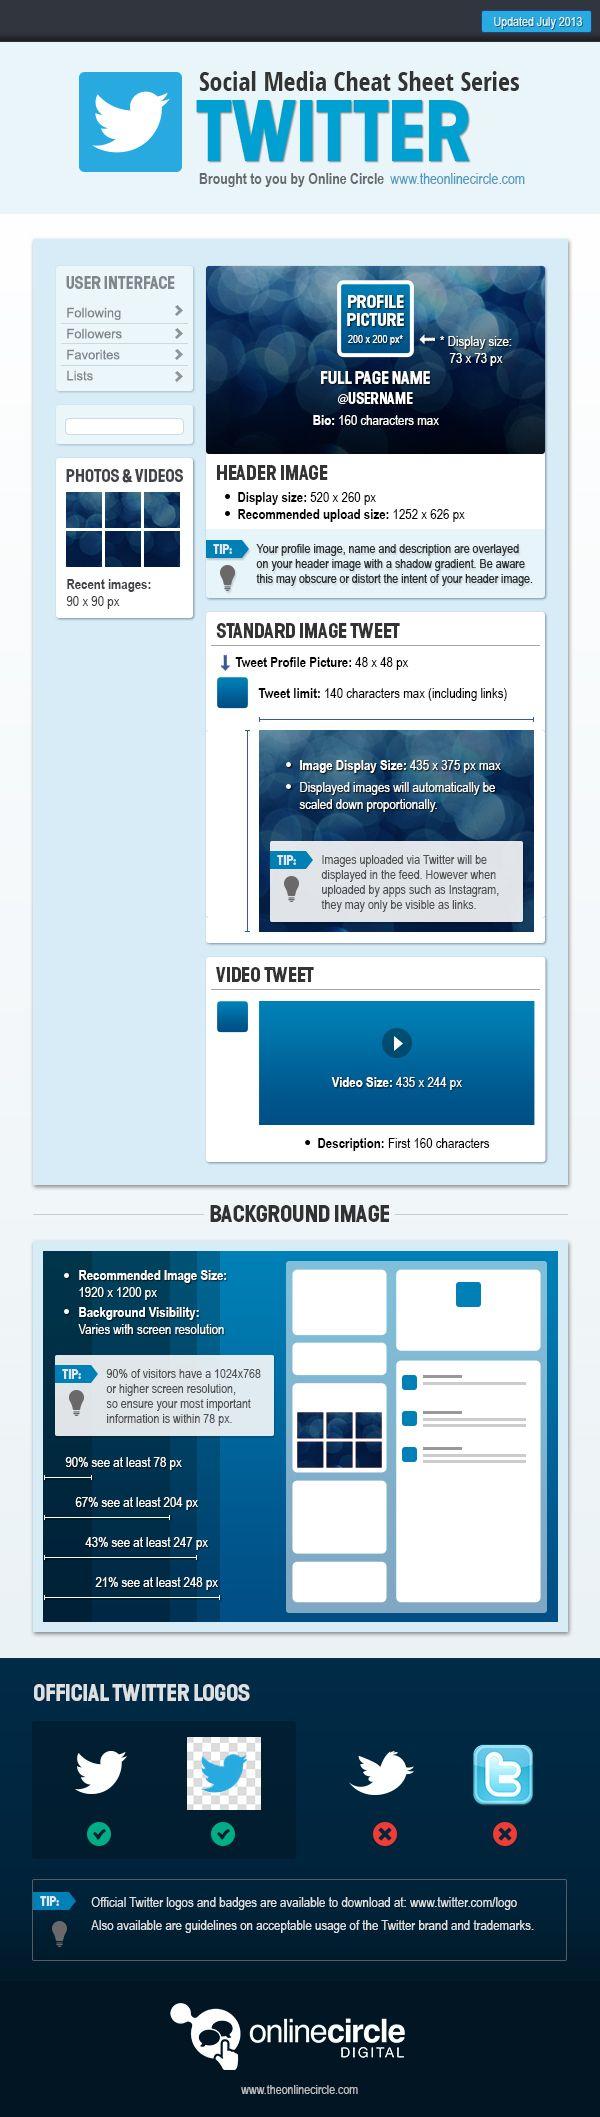 Dimensiones de las imágenes en Twitter